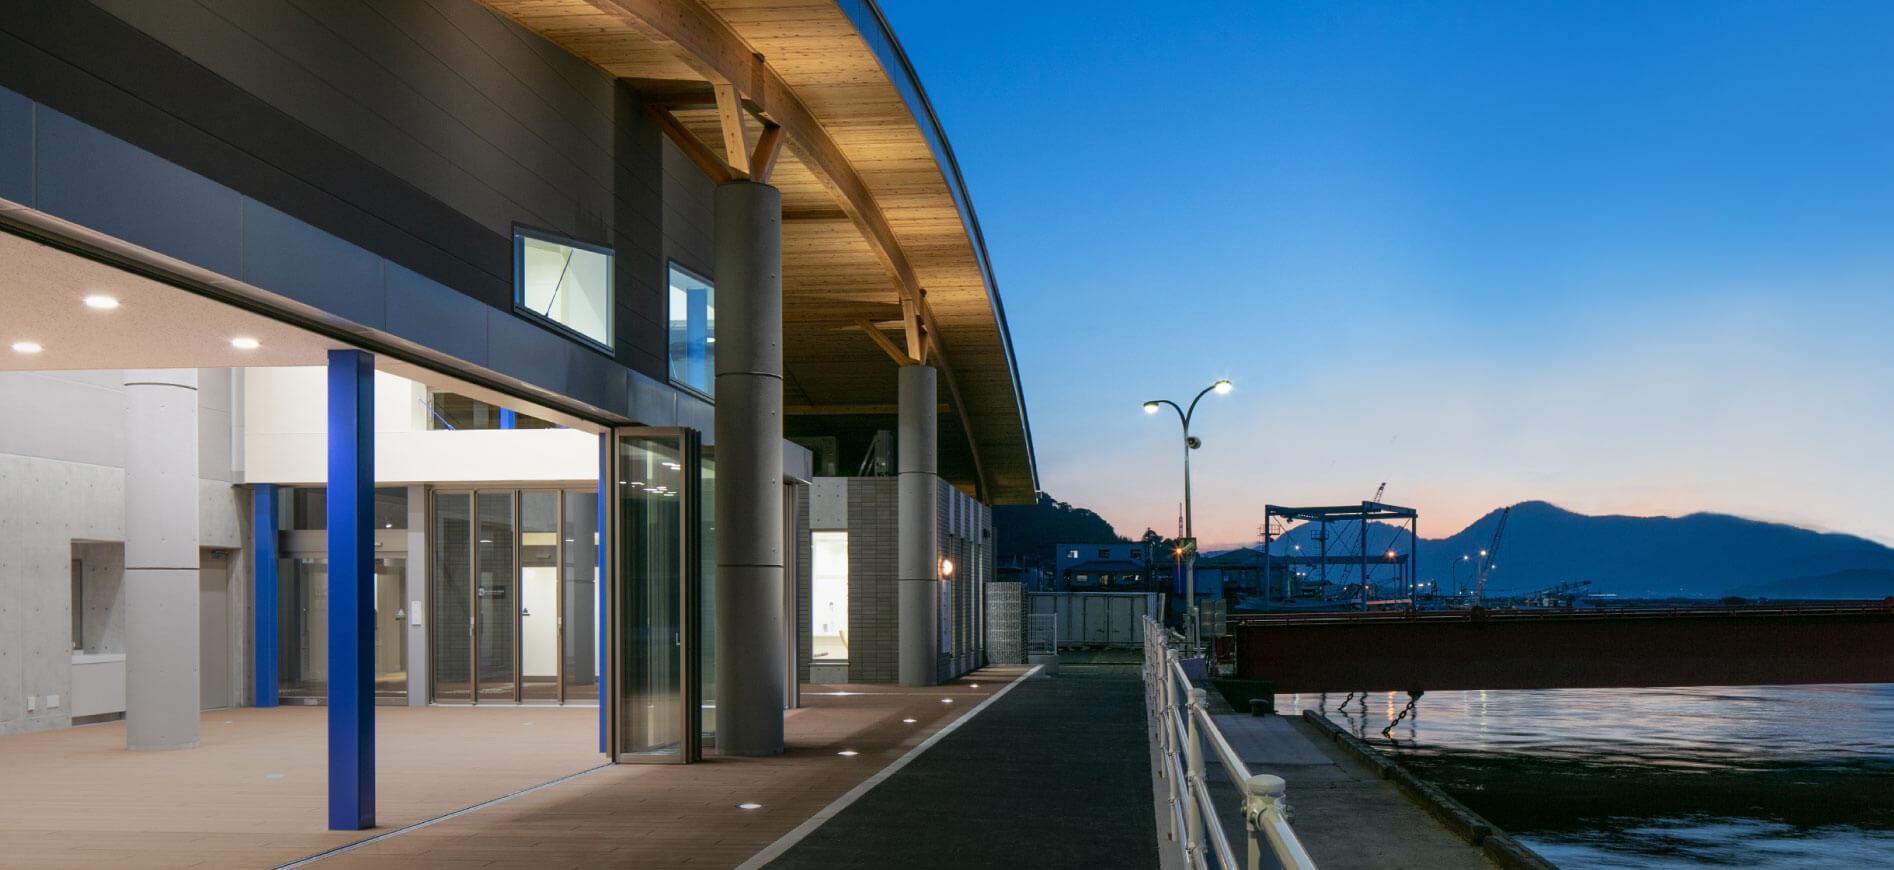 三高港ターミナル